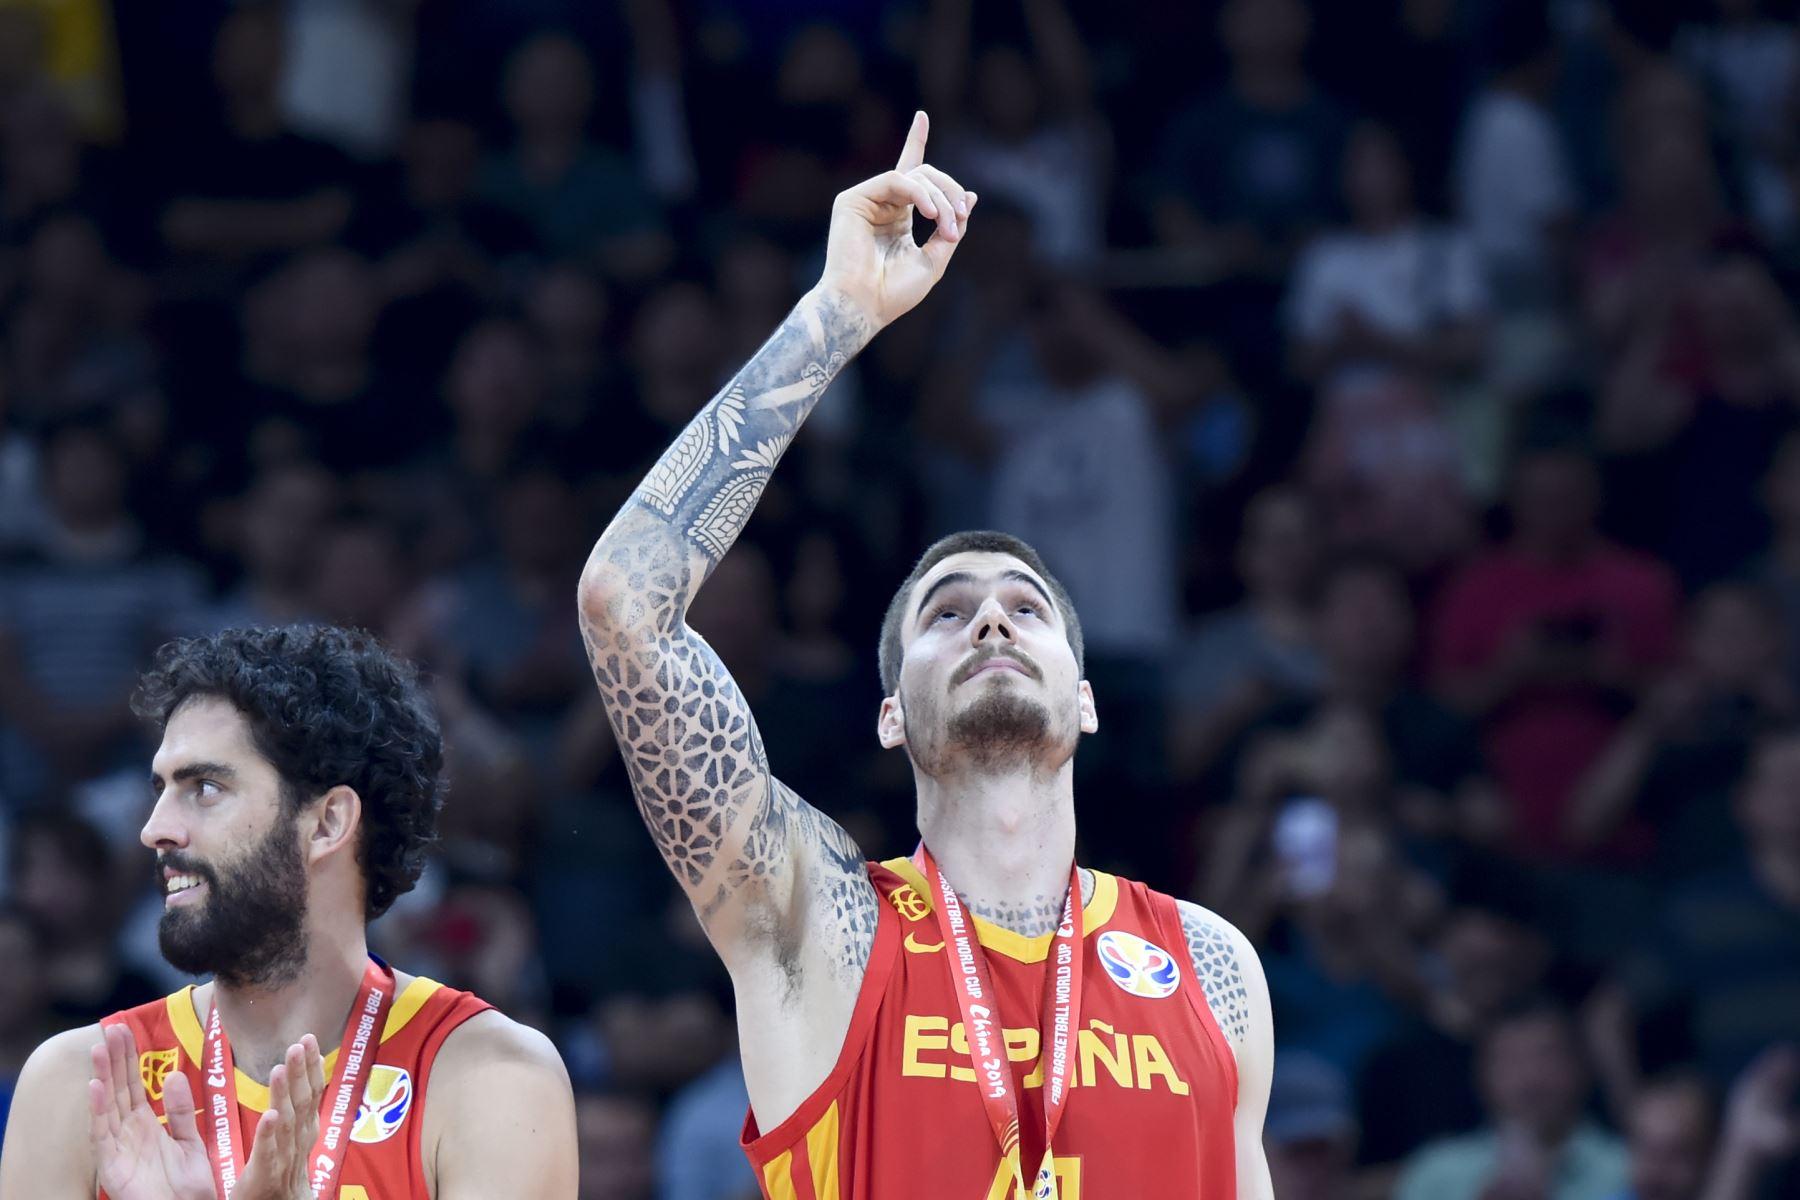 El español Juan Hernangomez hace un gesto después de la victoria de su equipo contra Argentina en el juego final de la Copa Mundial de Baloncesto en Beijing. Foto: AFP